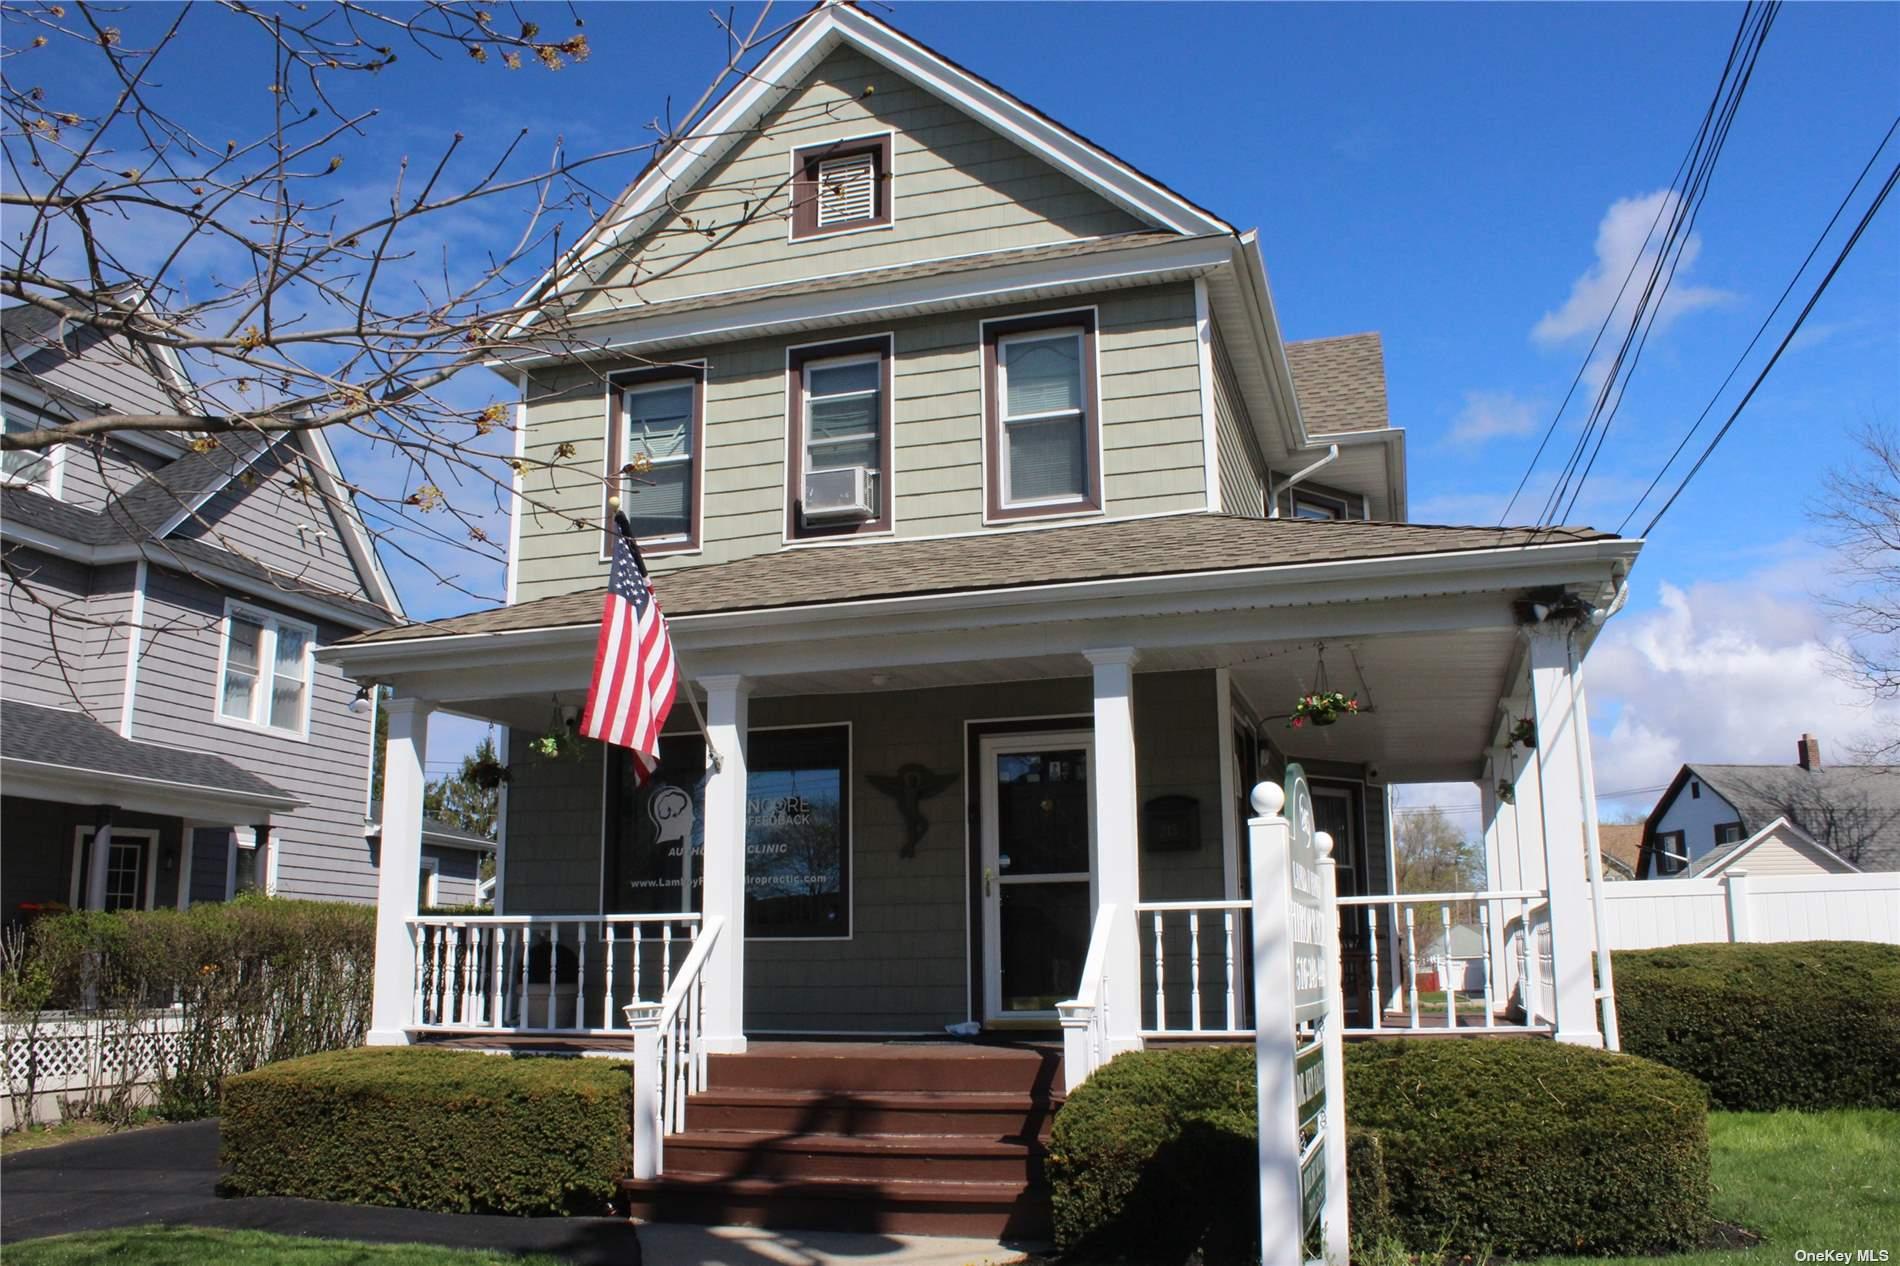 Photo of 245 Conklin Street, Farmingdale, NY 11735, Farmingdale, NY 11735